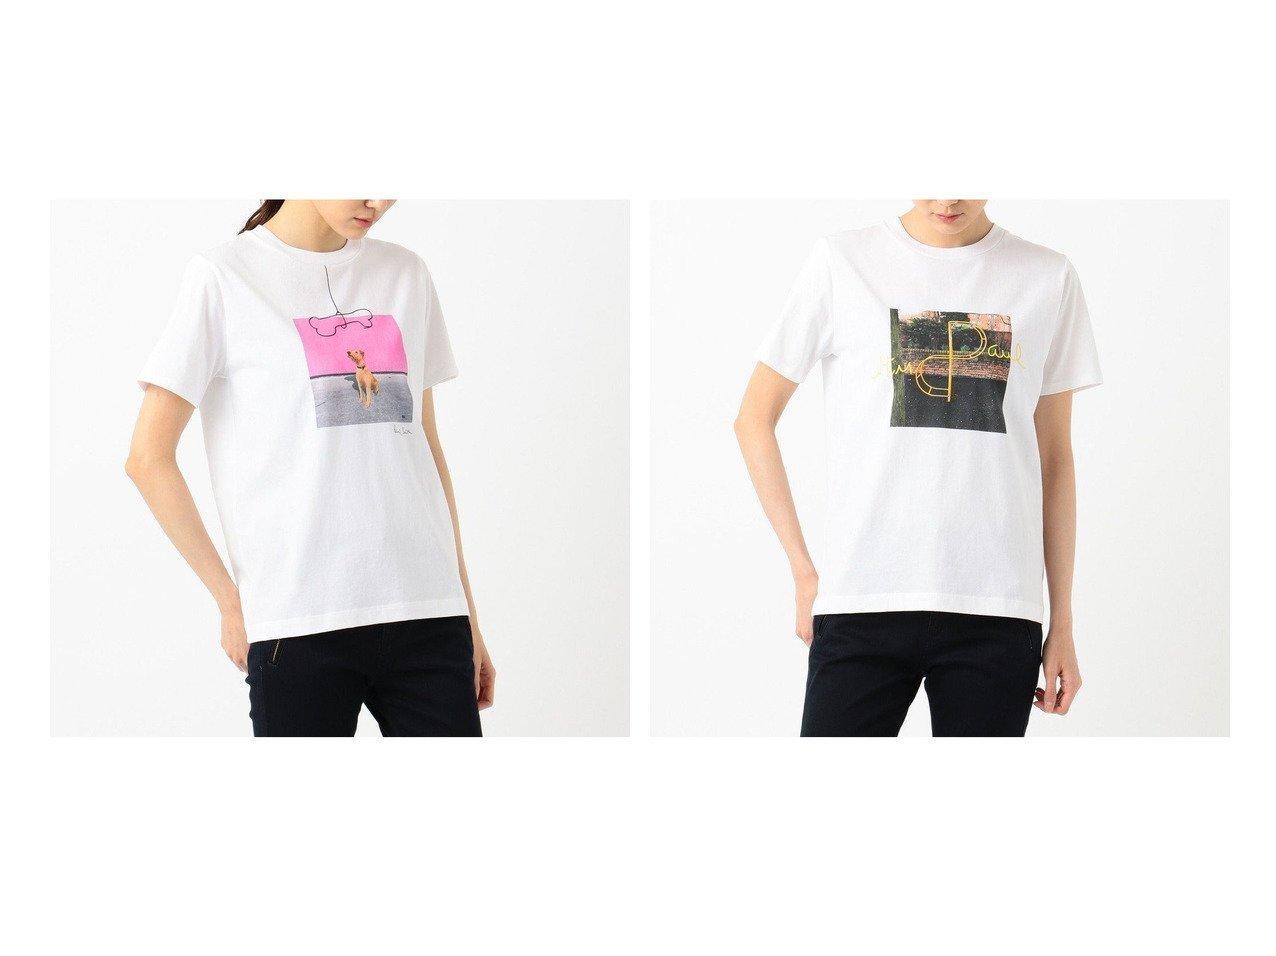 【Paul Smith/ポール スミス】の【洗える】Drawn by Paul Tシャツ 【トップス・カットソー】おすすめ!人気、トレンド・レディースファッションの通販 おすすめで人気の流行・トレンド、ファッションの通販商品 インテリア・家具・メンズファッション・キッズファッション・レディースファッション・服の通販 founy(ファニー) https://founy.com/ ファッション Fashion レディースファッション WOMEN トップス・カットソー Tops/Tshirt シャツ/ブラウス Shirts/Blouses ロング / Tシャツ T-Shirts カットソー Cut and Sewn イラスト 洗える カットソー カーディガン ハンド フロント プリント ベーシック マーメイド ワンポイント ワーク 送料無料 Free Shipping おすすめ Recommend 犬 Dog |ID:crp329100000041789